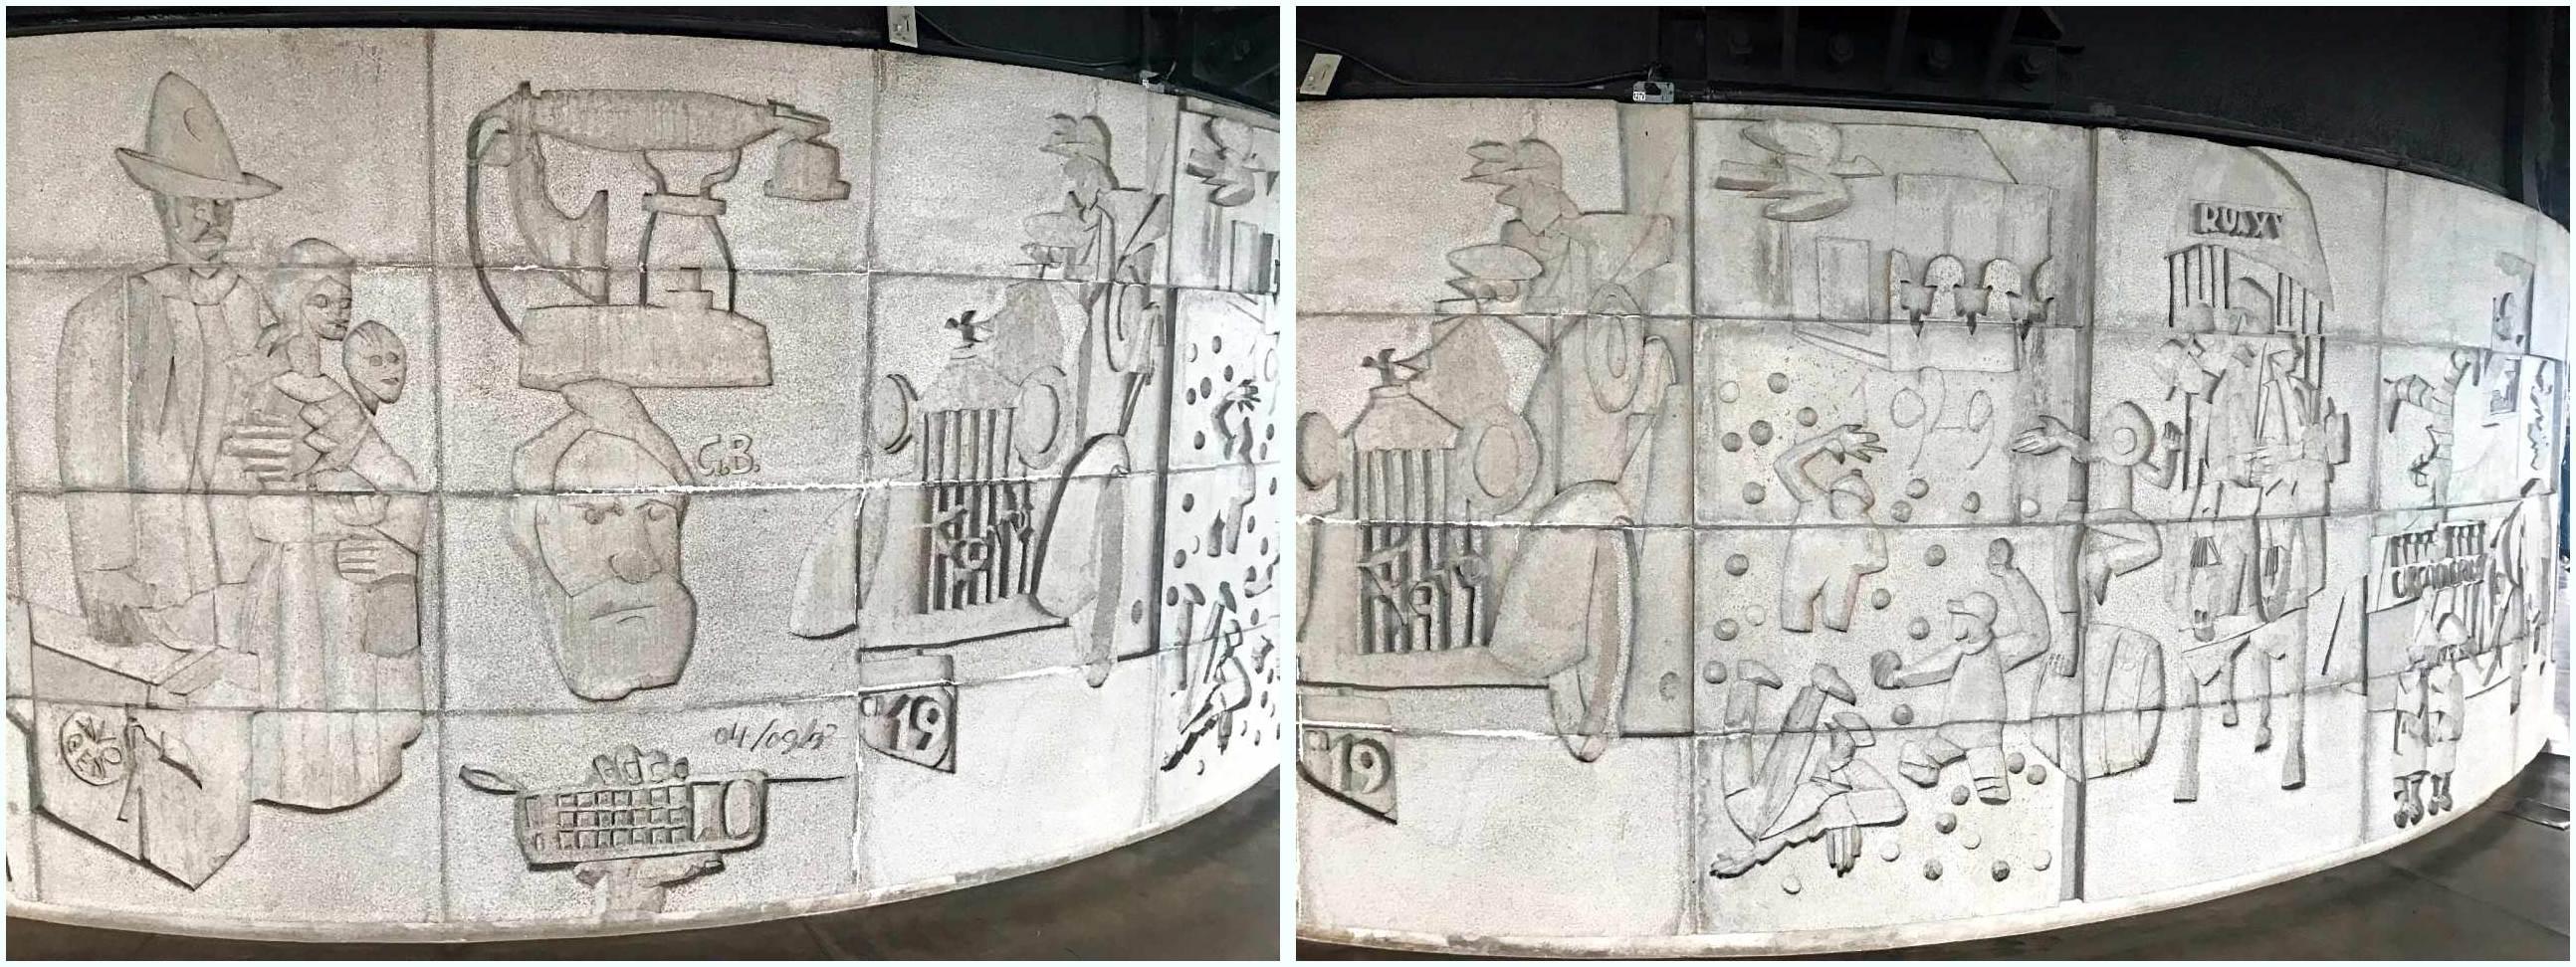 Painéis de Poty Lazzarotto no Paraná - As Comunicações e a História de Curitiba, Torre Panorâmica